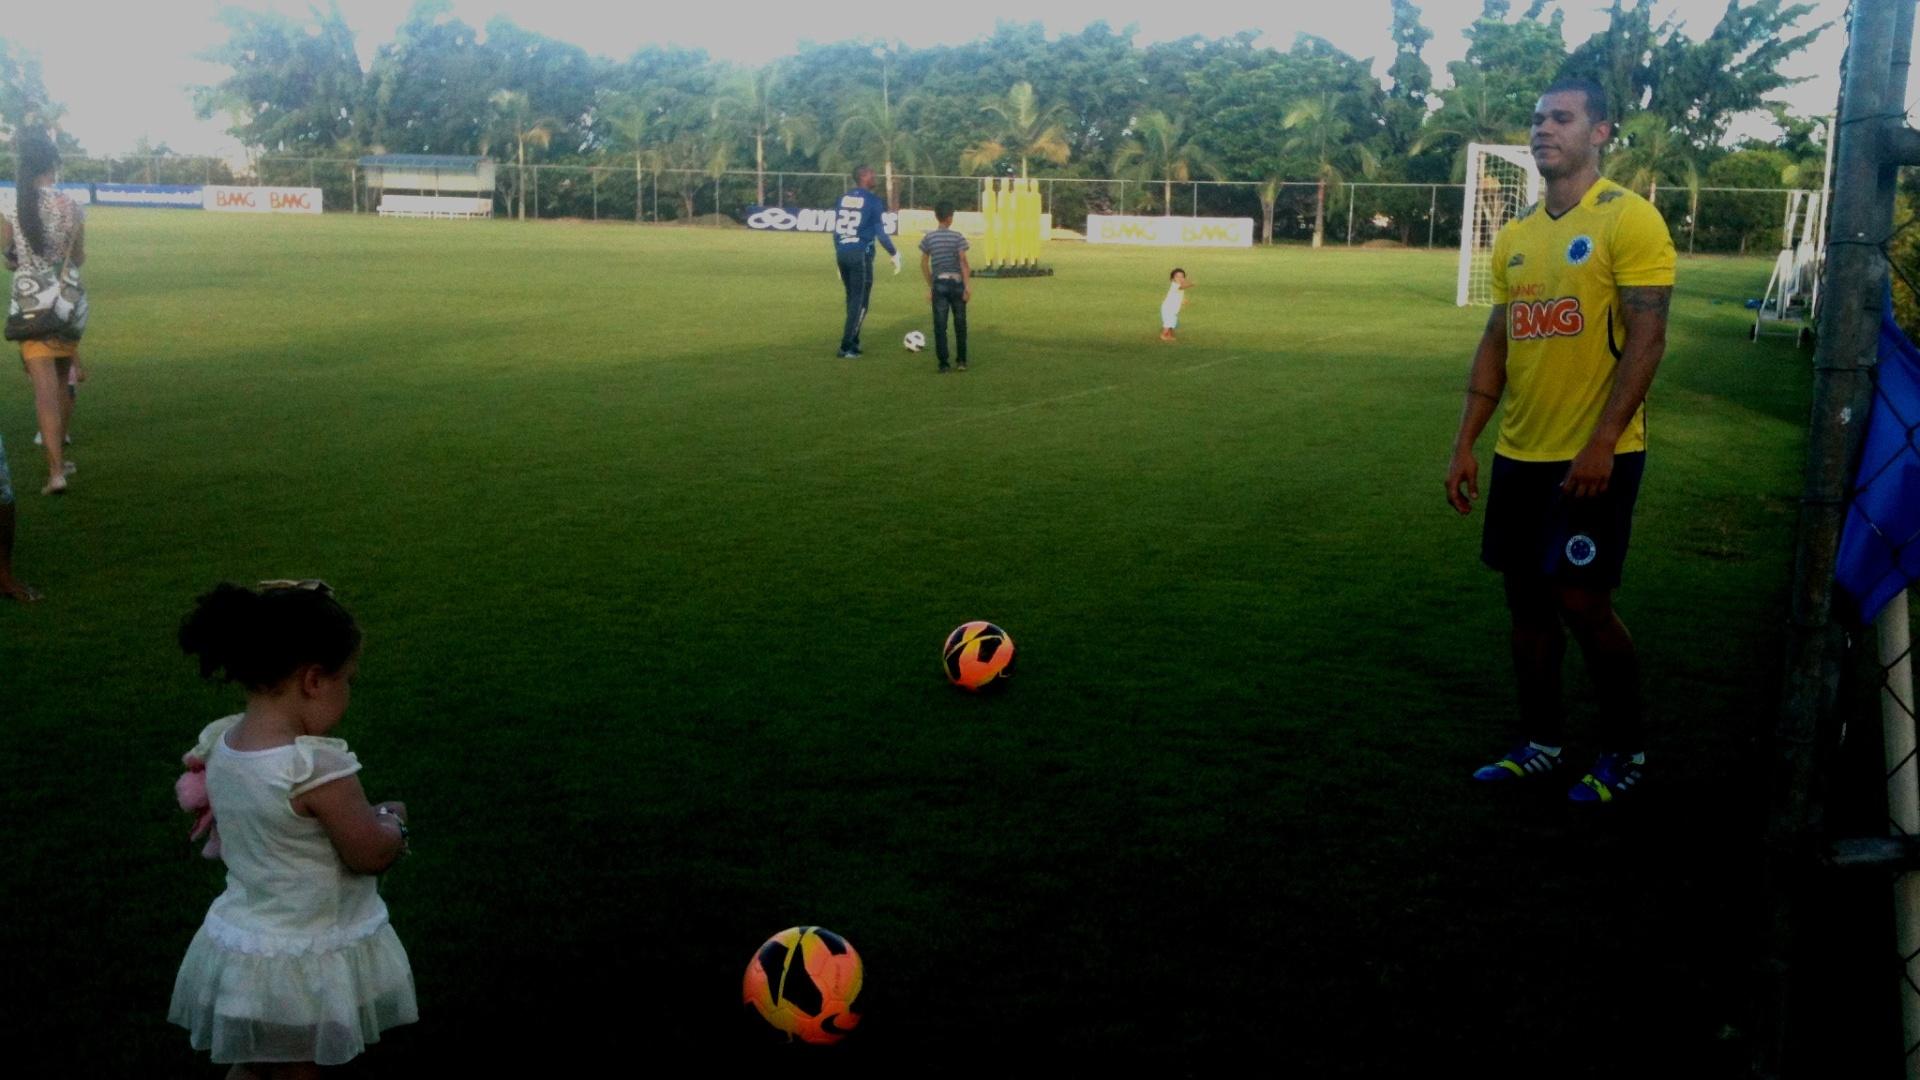 15 nov 2013 - Volante Nilton brinca com a filha Giovanna, na Toca da Raposa II, em dia de reapresentação do elenco campeão brasileiro